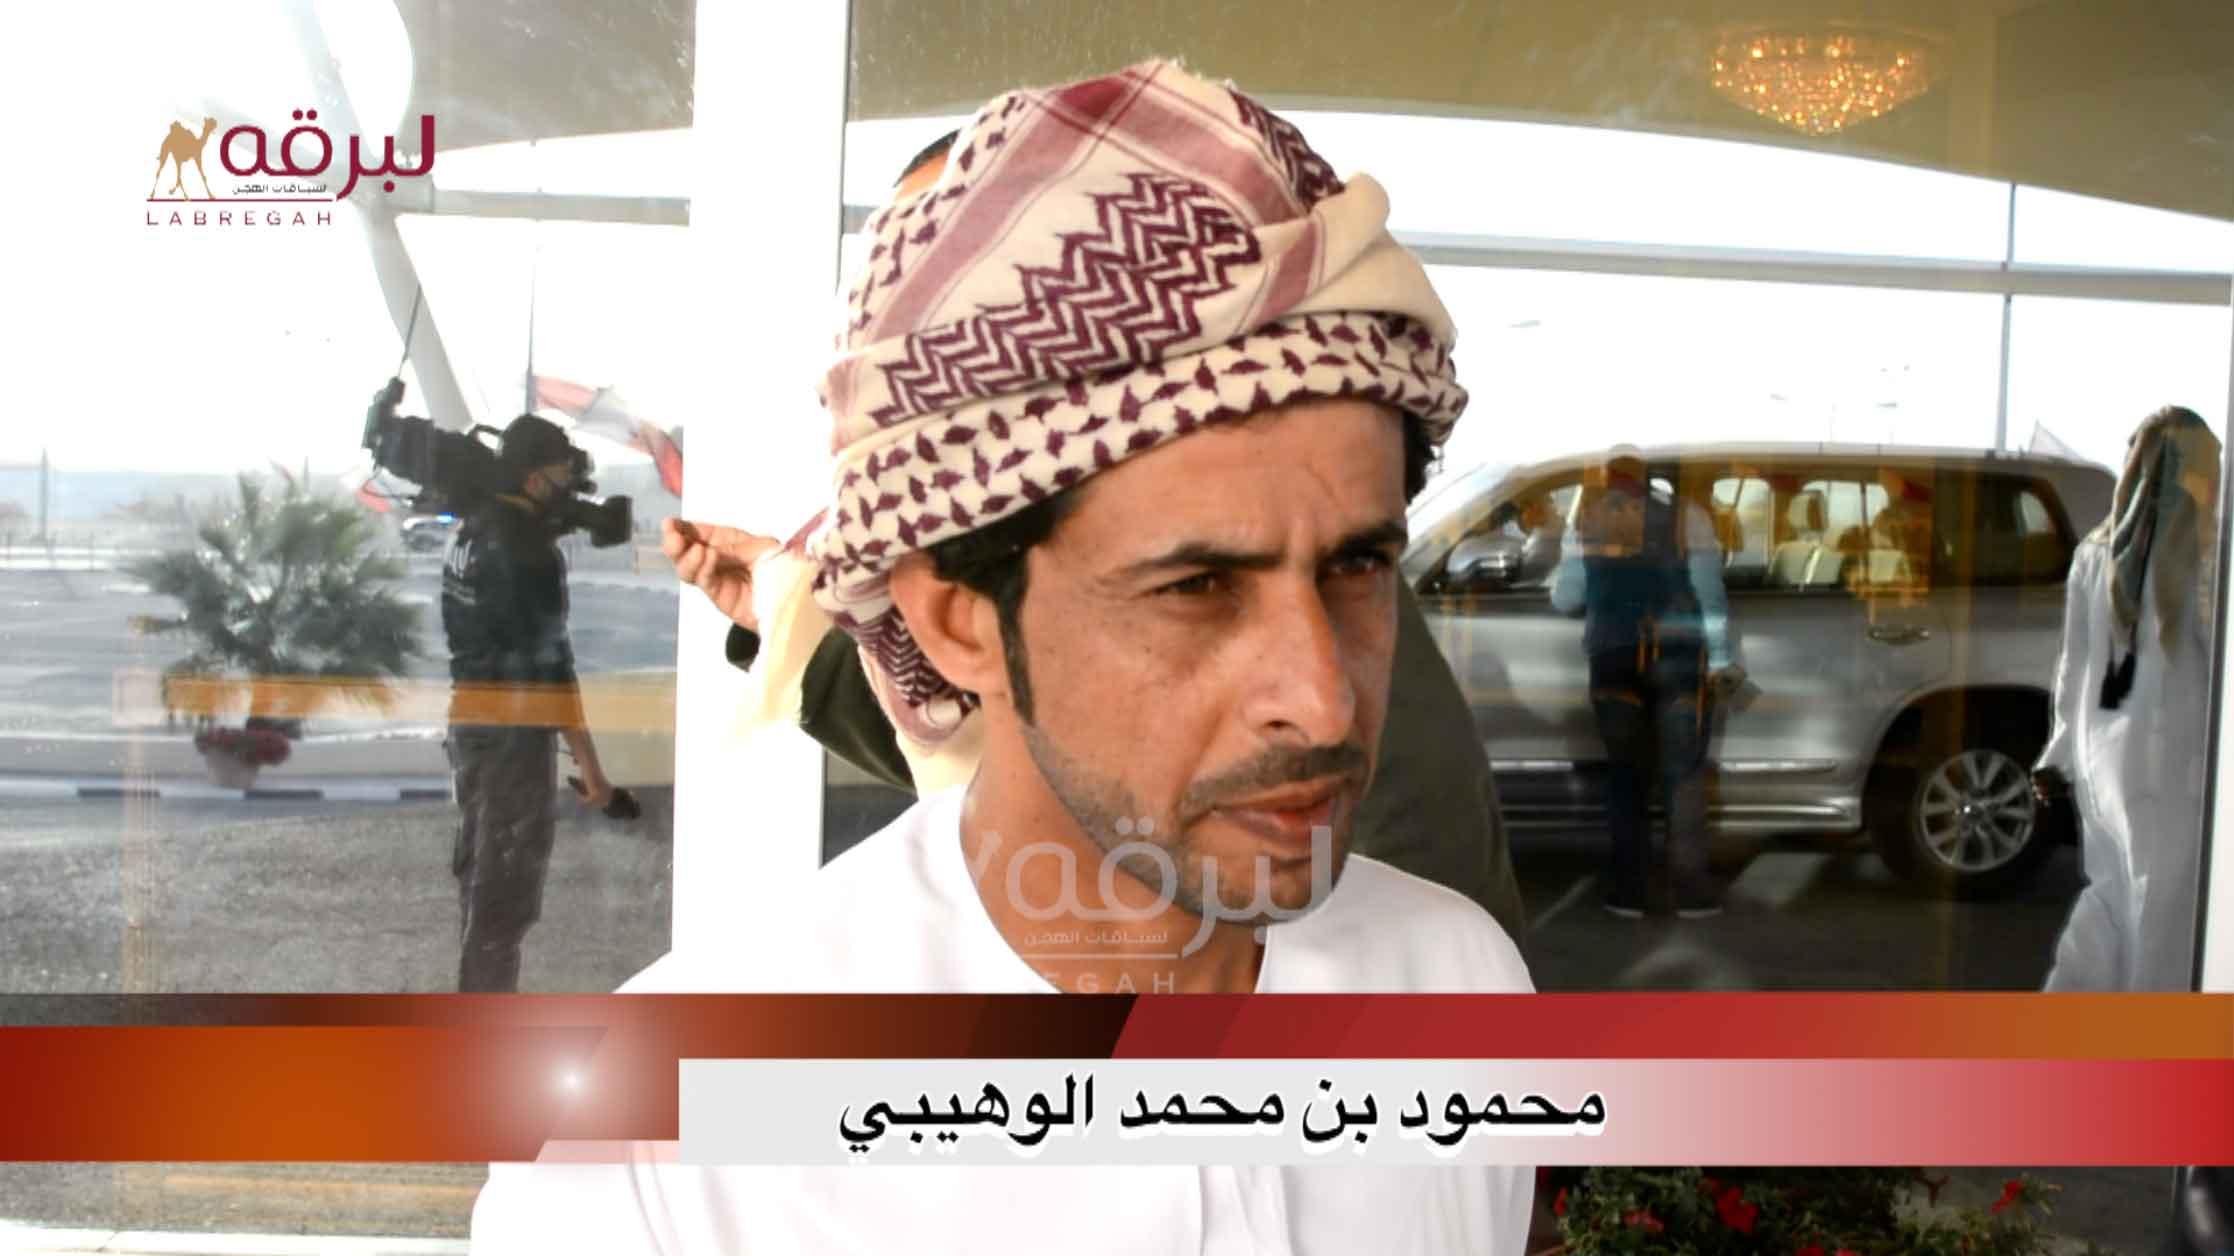 لقاء مع محمود بن محمد الوهيبي.. السيف الفضي للحيل « مفتوح » الأشواط العامة  ٢٧-١-٢٠٢١